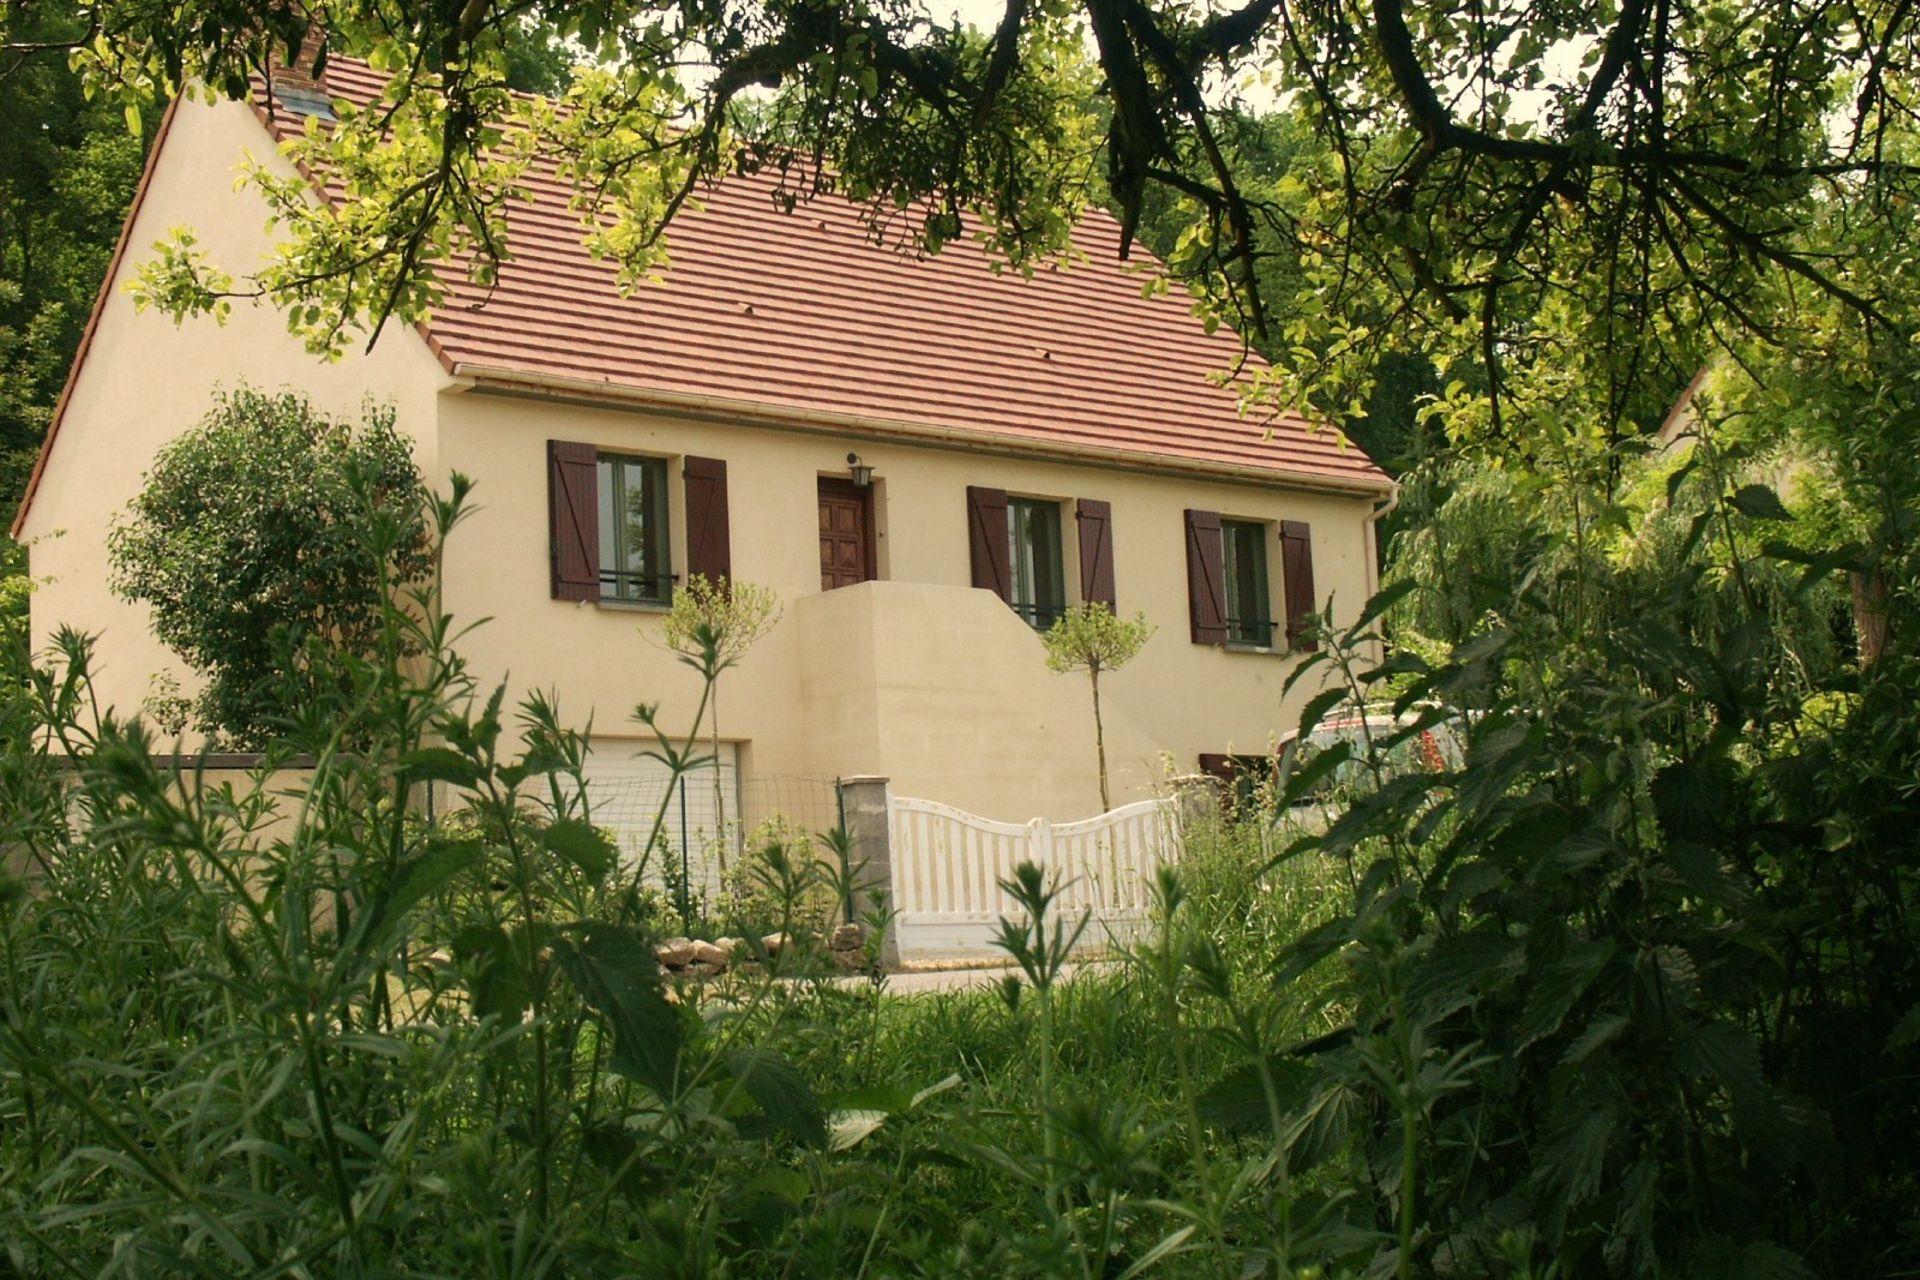 Huizen Verhuur Frankrijk : Bekijk vakantiehuis vakantiewoning nabij parijs in aisne picardie